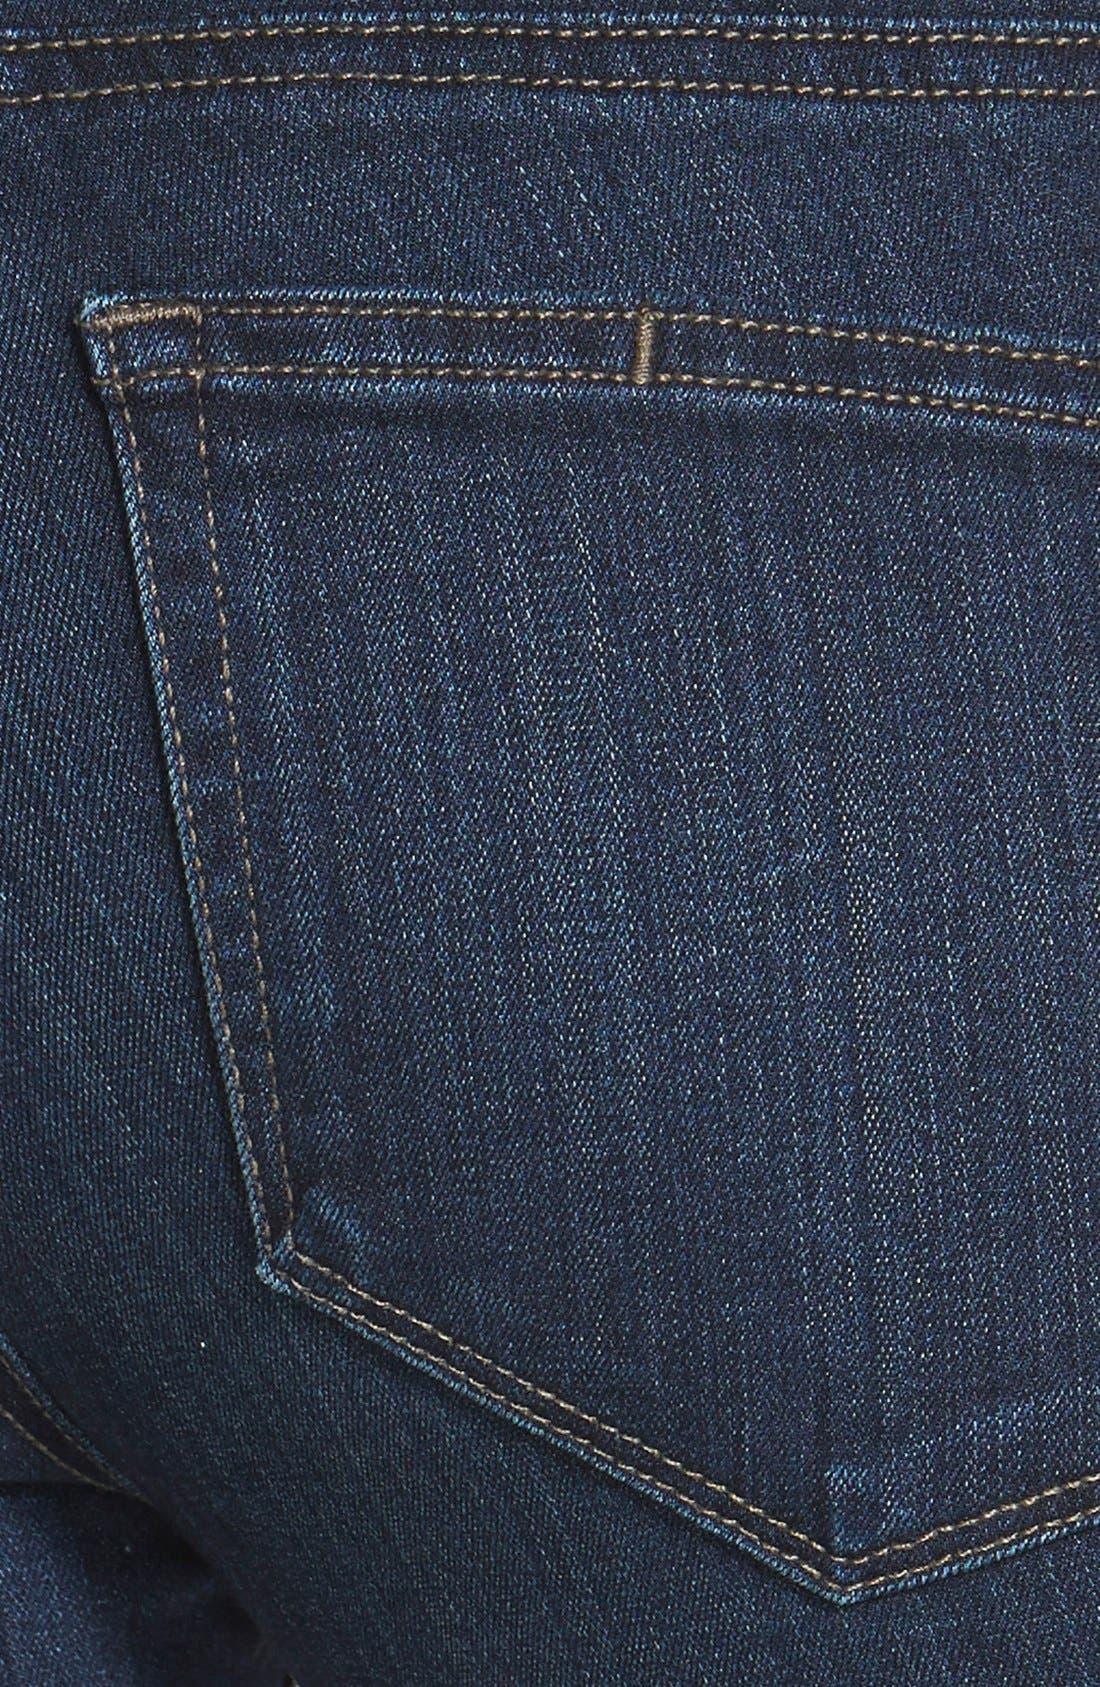 Denim 'Transcend - Edgemont' Crop Jeans,                             Alternate thumbnail 2, color,